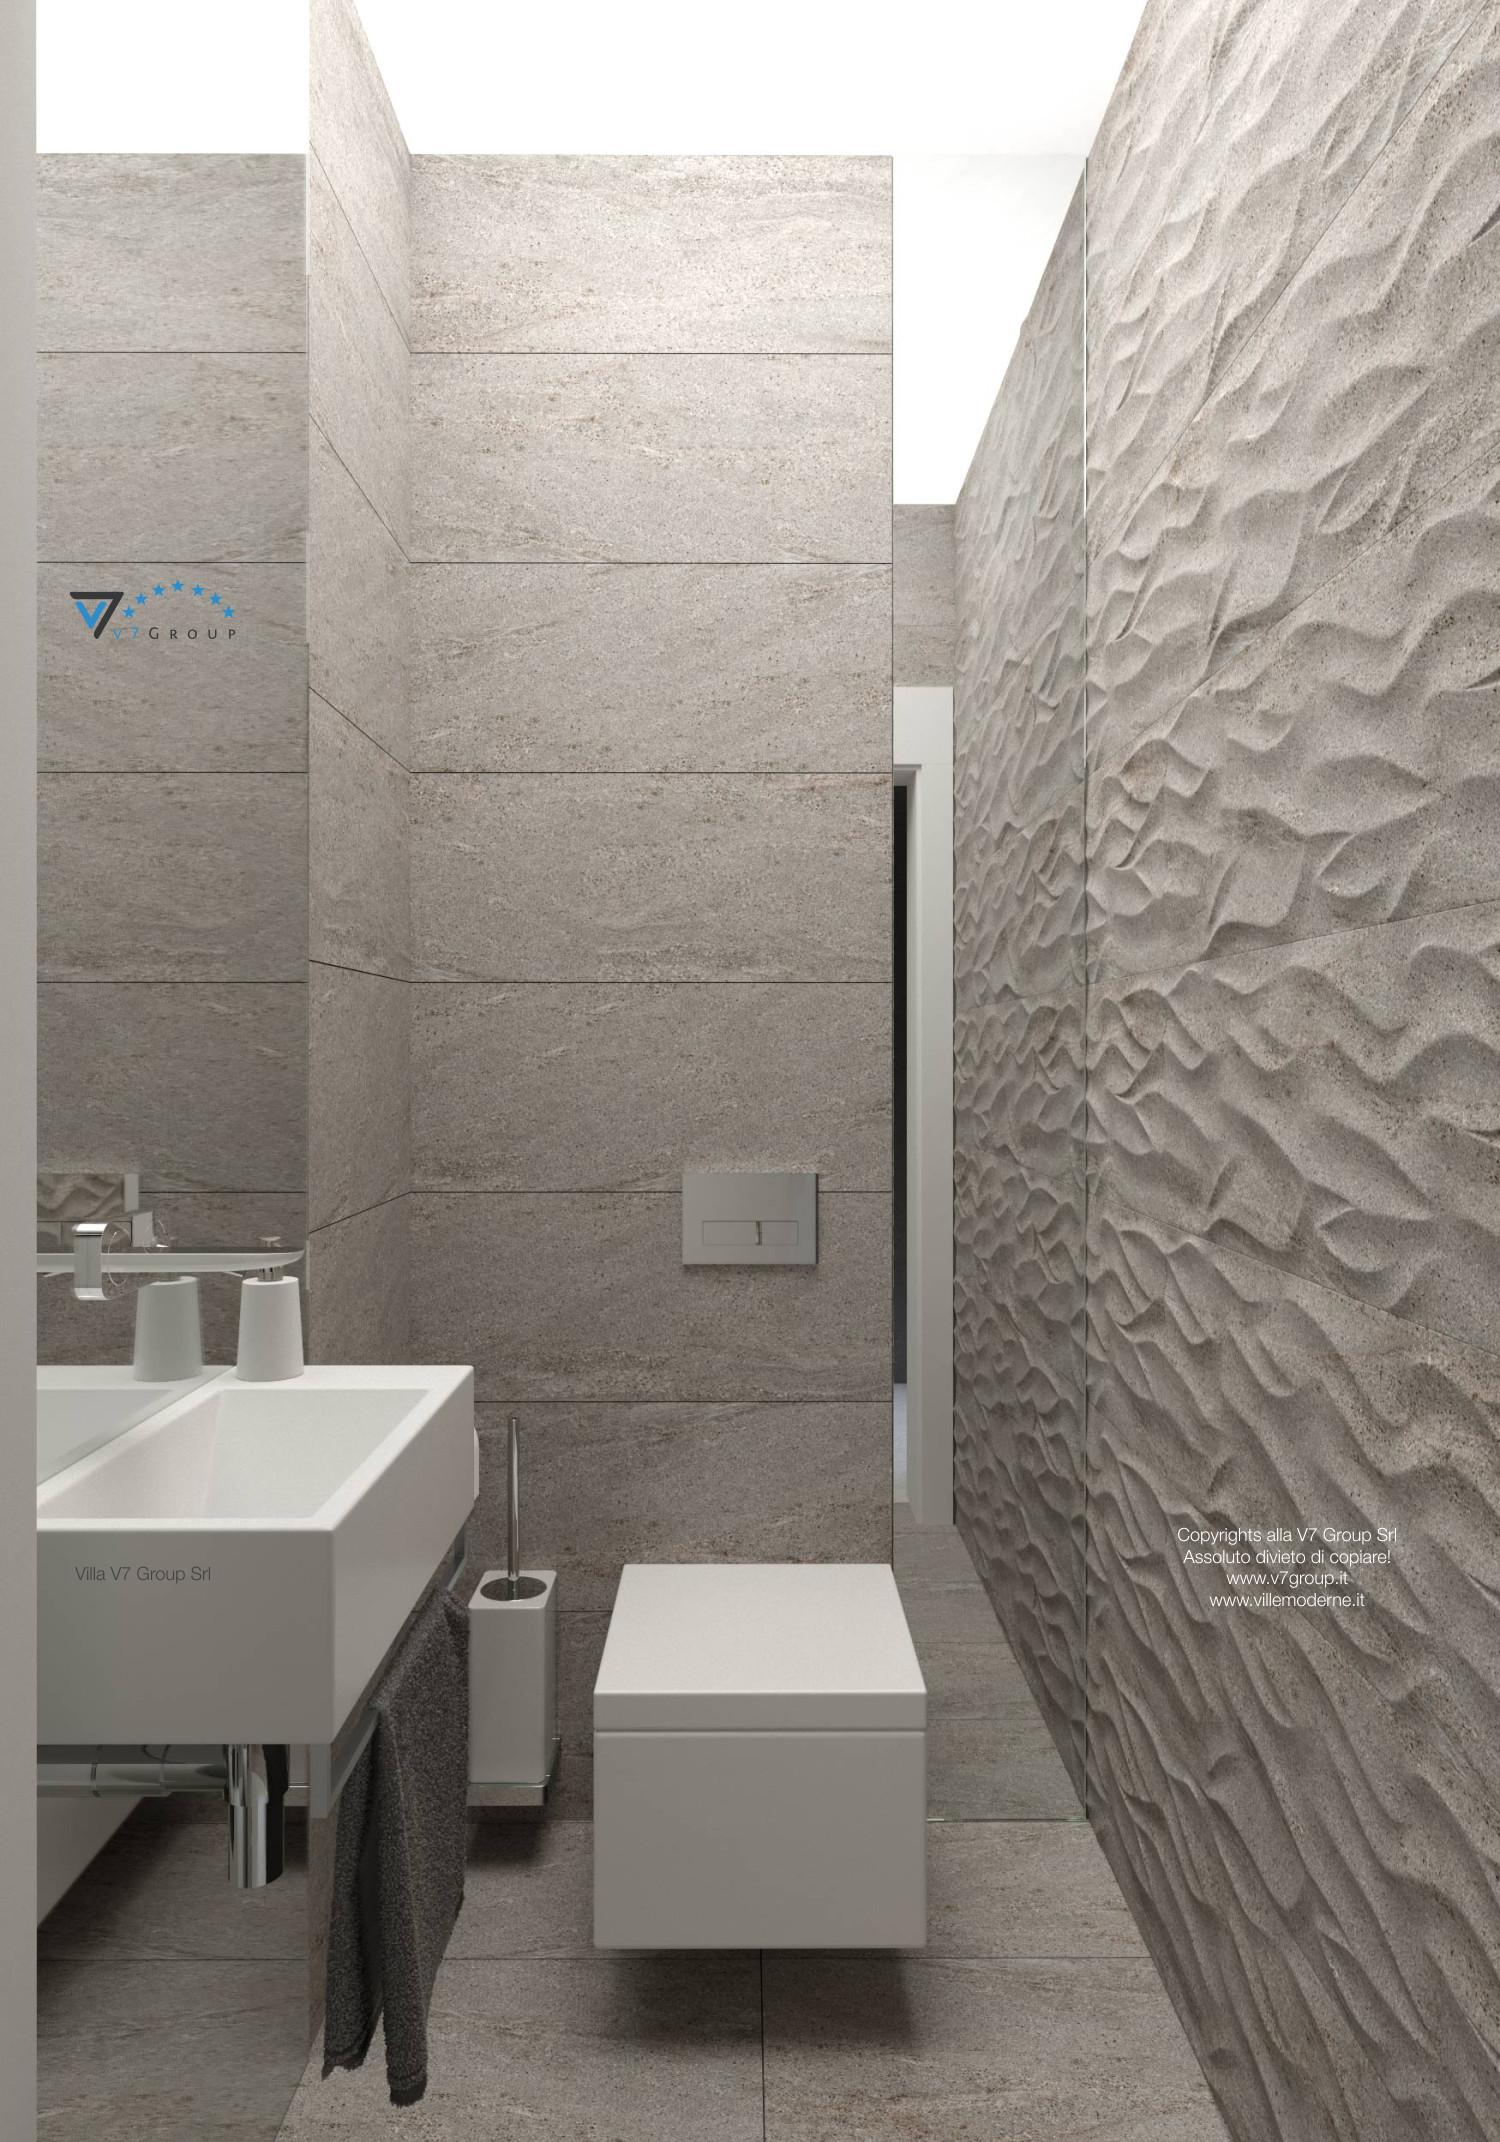 Immagine Villa V42 (progetto originale) - sanitari del bagno